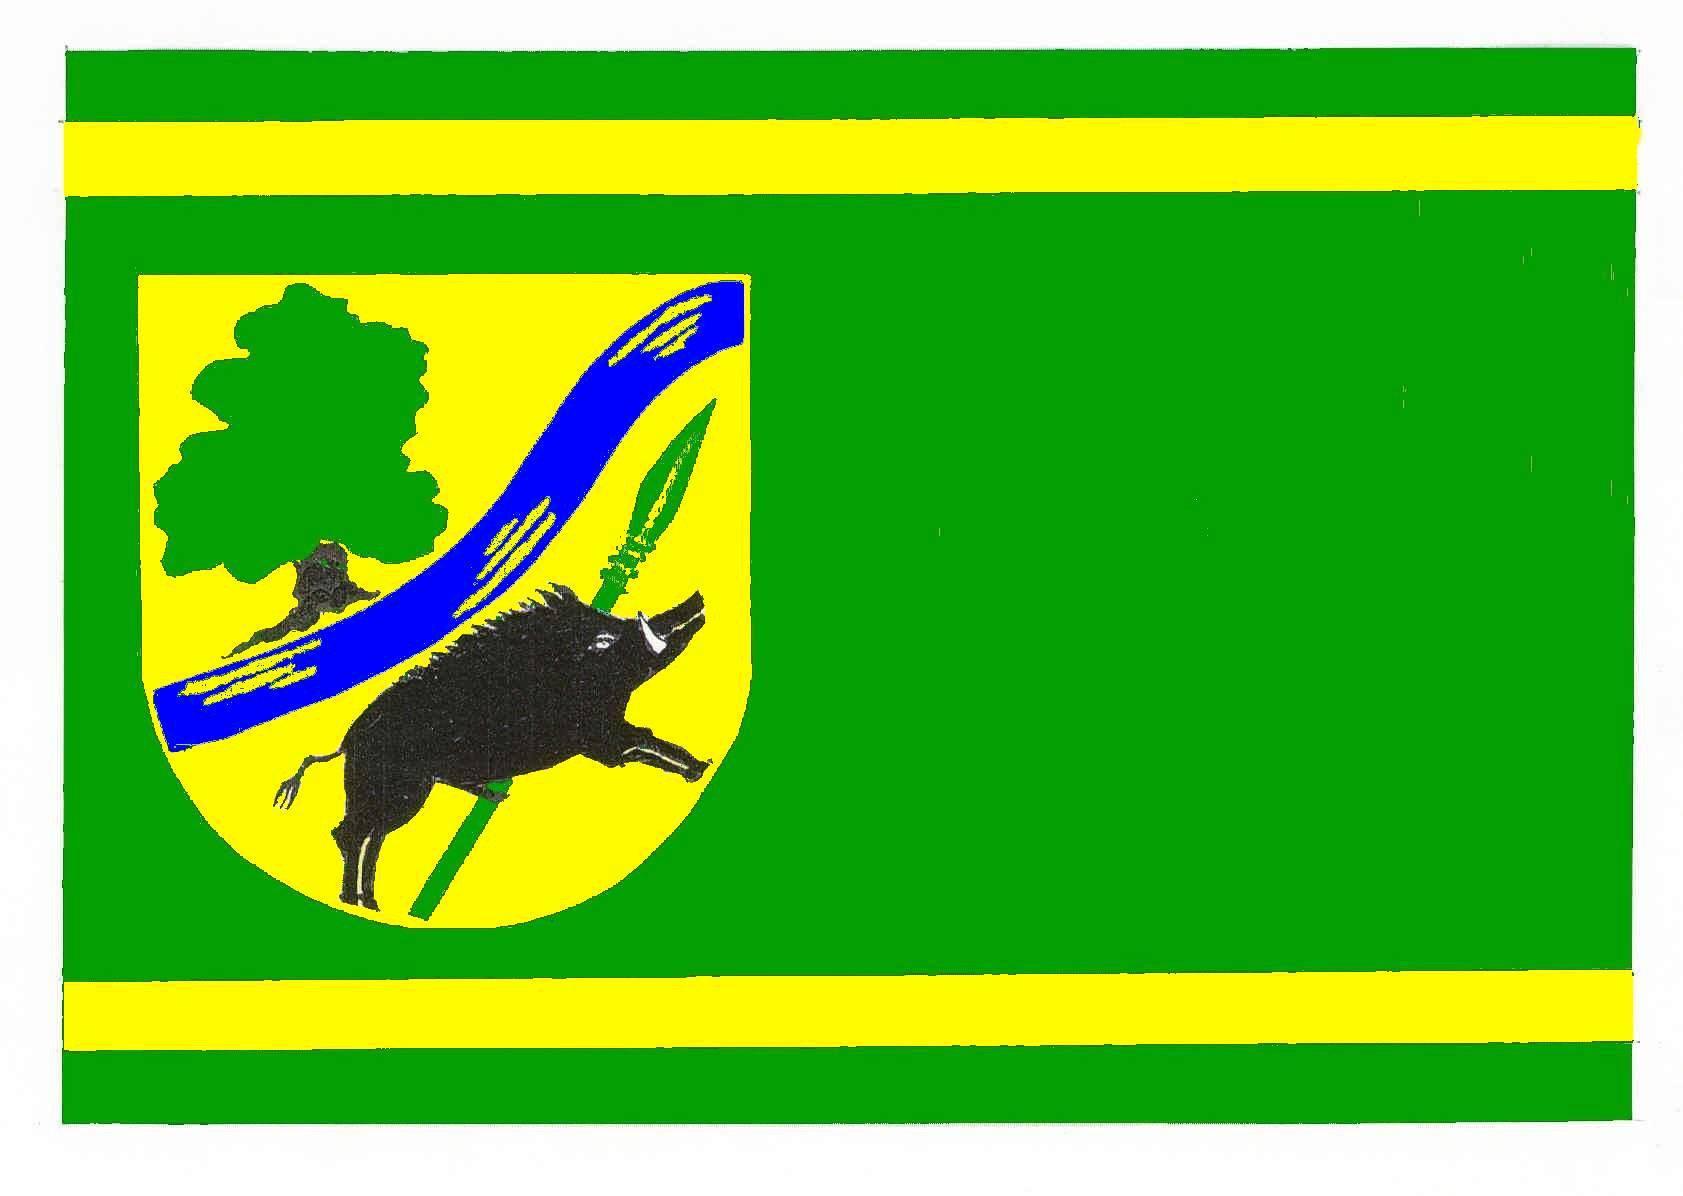 Flagge GemeindeSchretstaken, Kreis Herzogtum Lauenburg